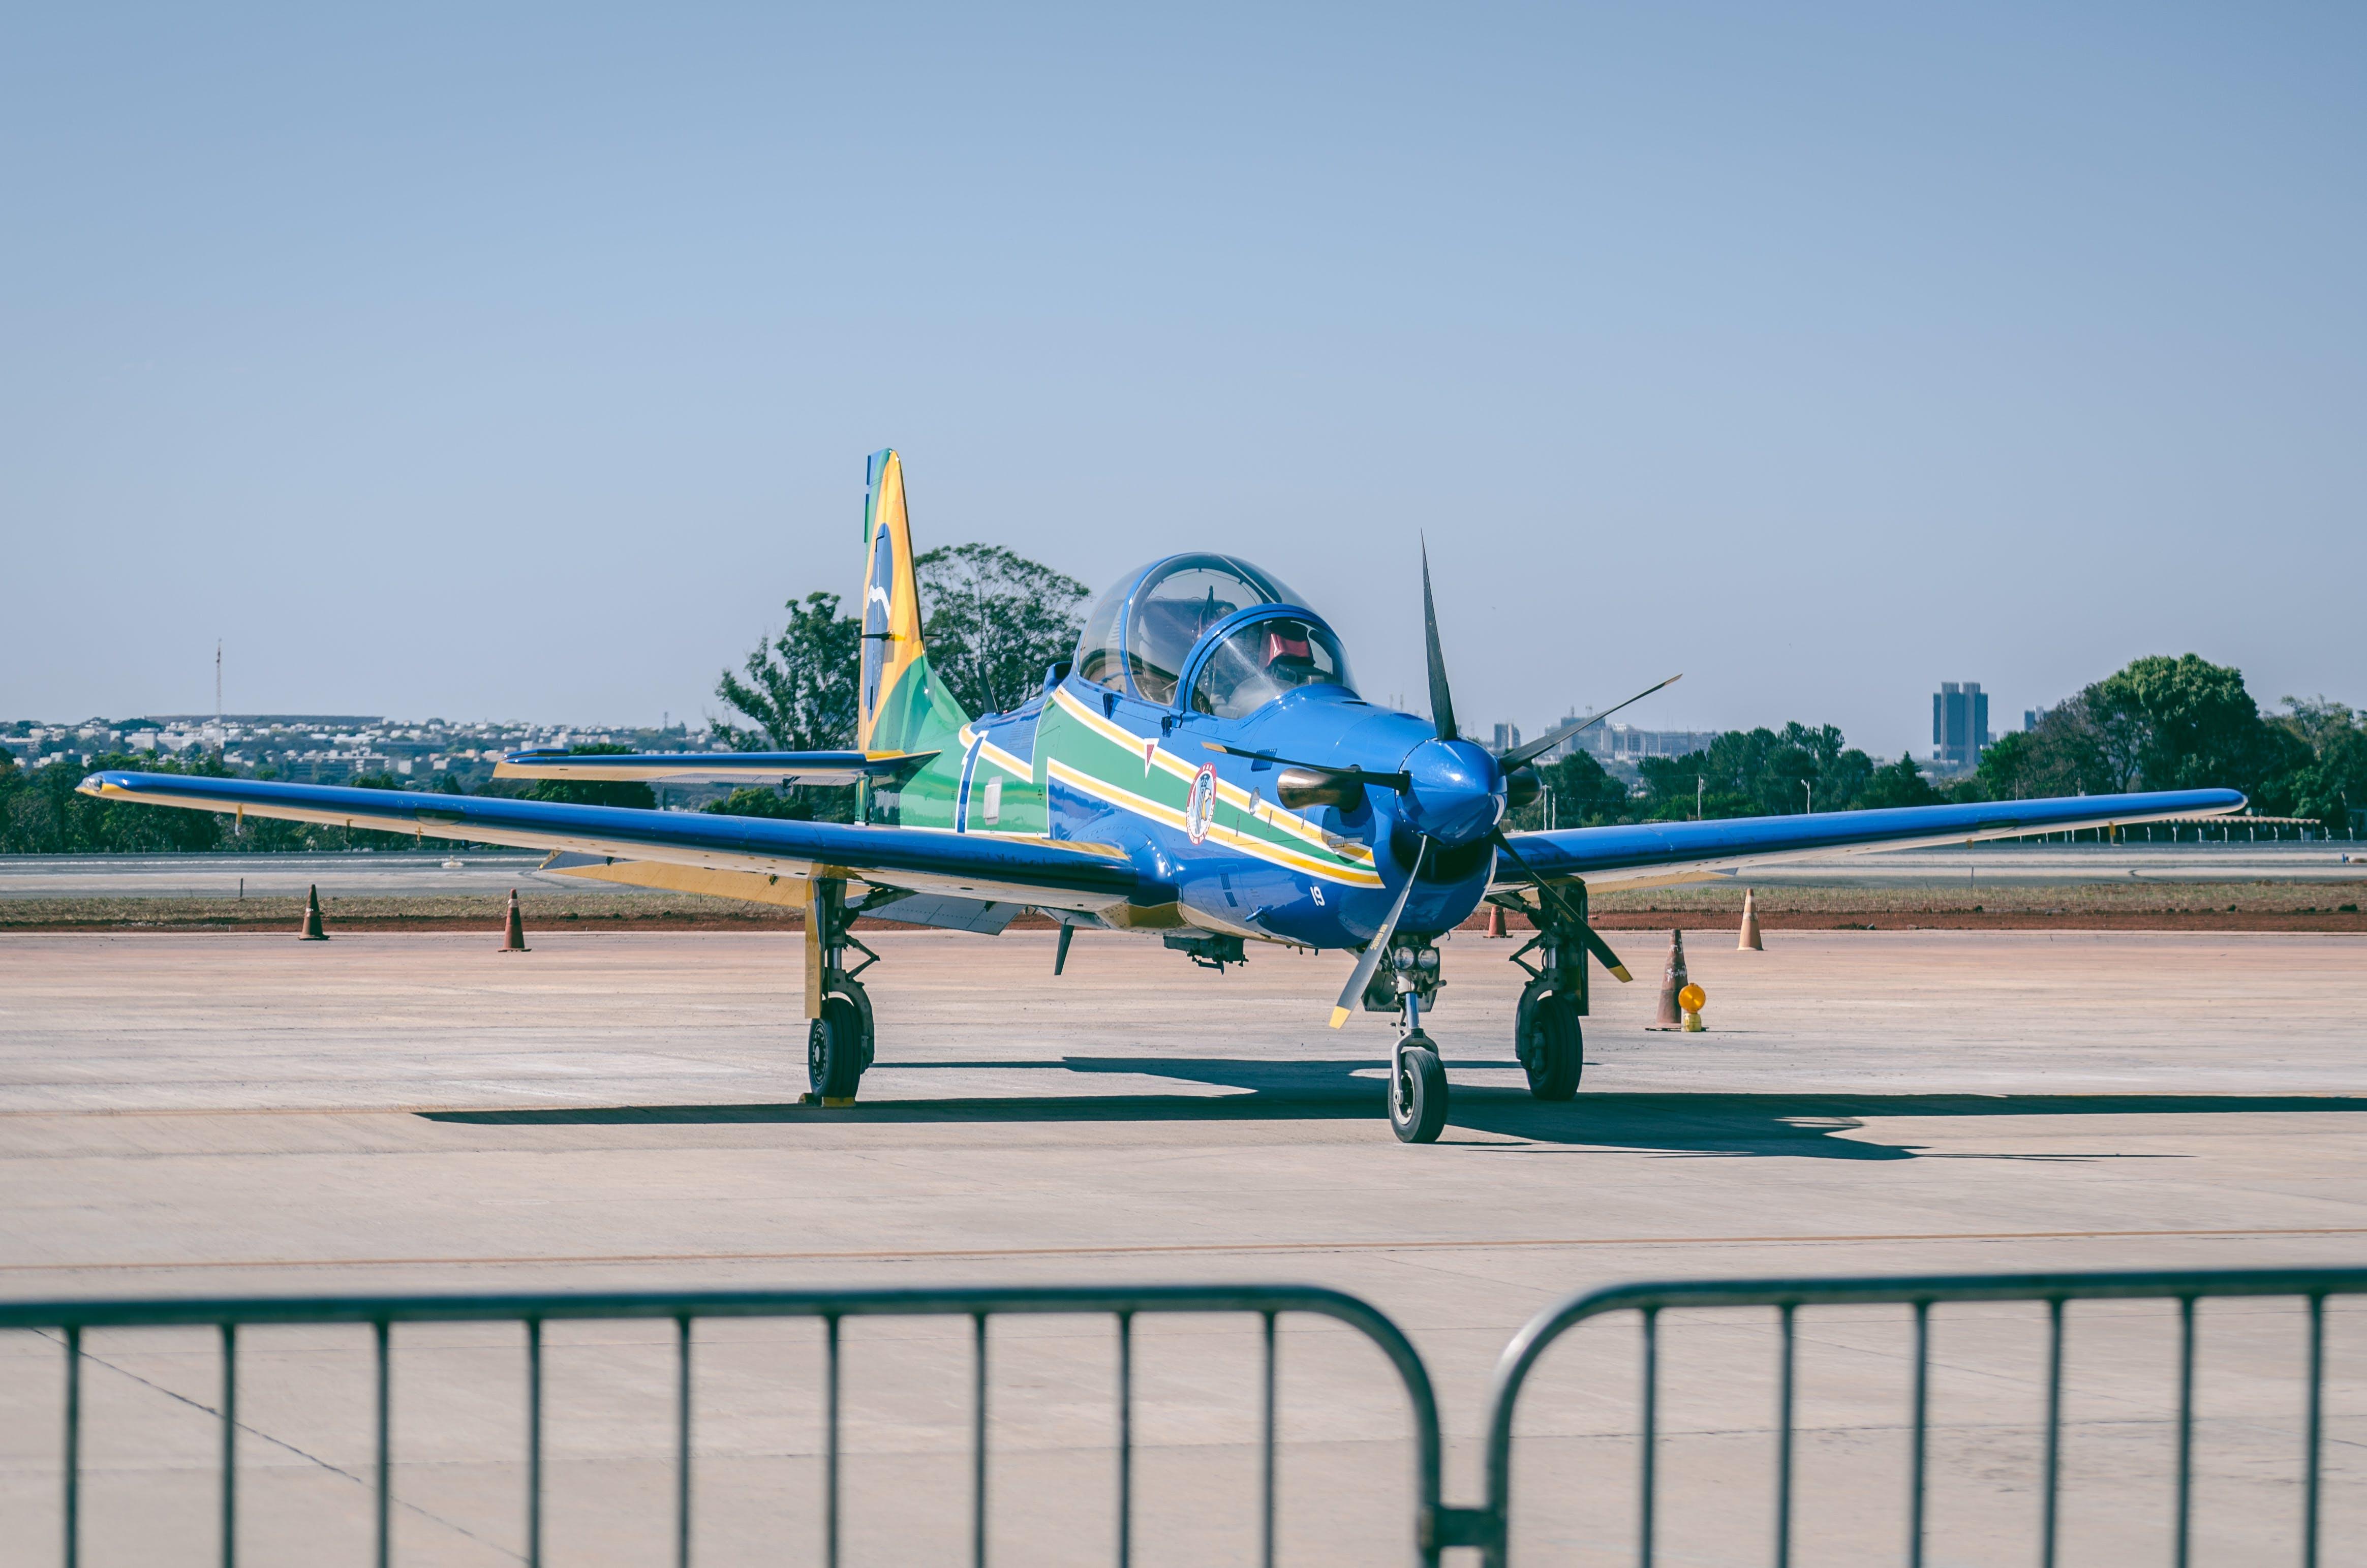 Blue Propeller Plane